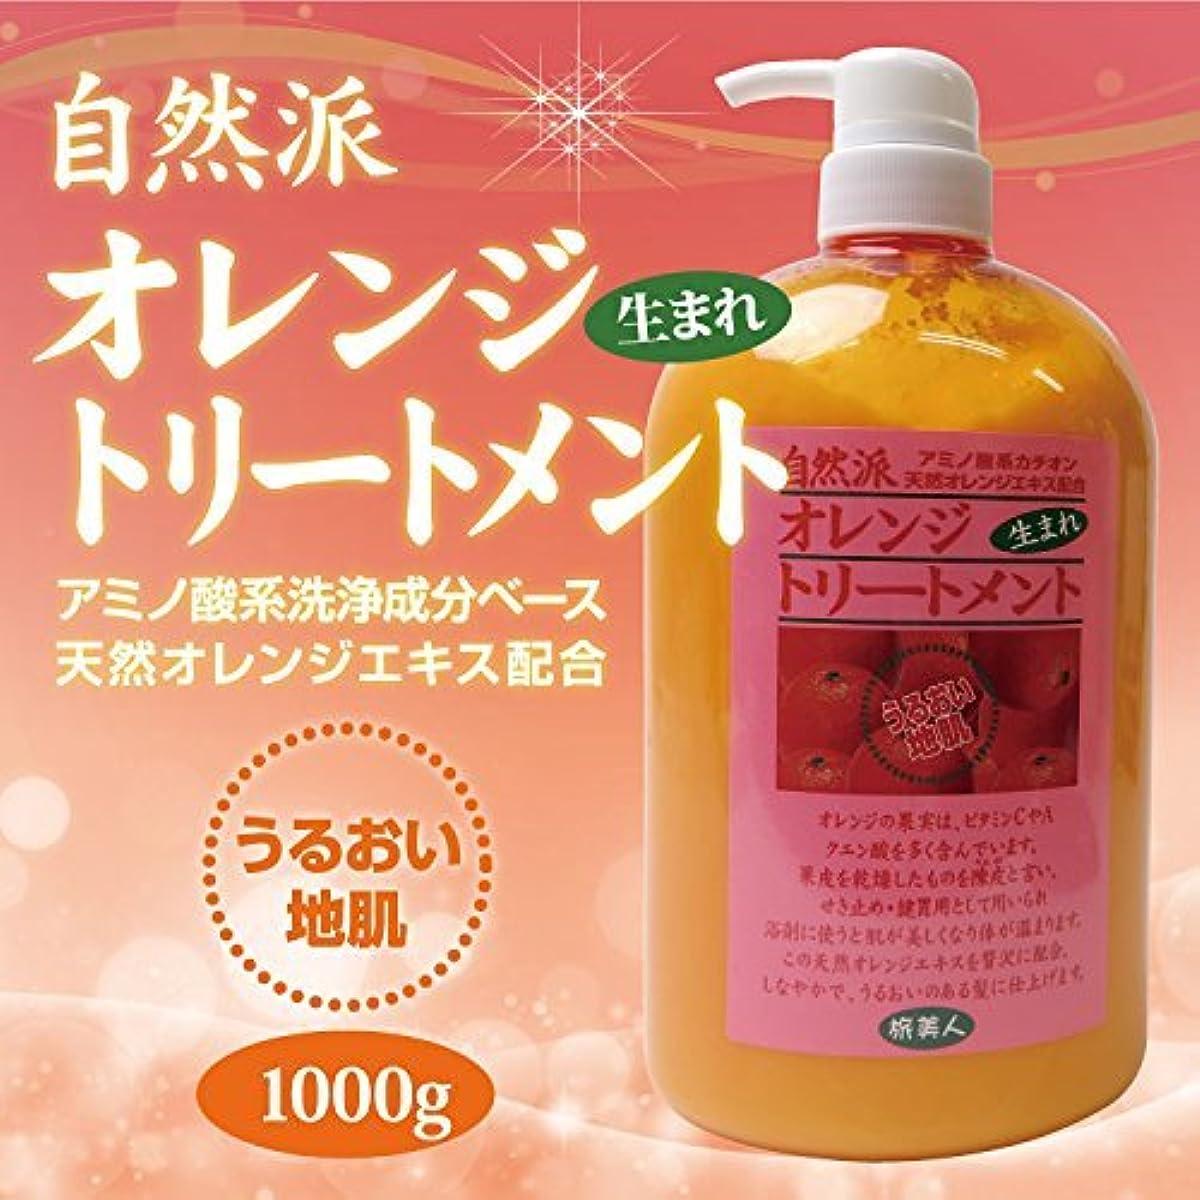 [해외] 아즈마상사 자연파 오렌지 트리트먼트 1000g